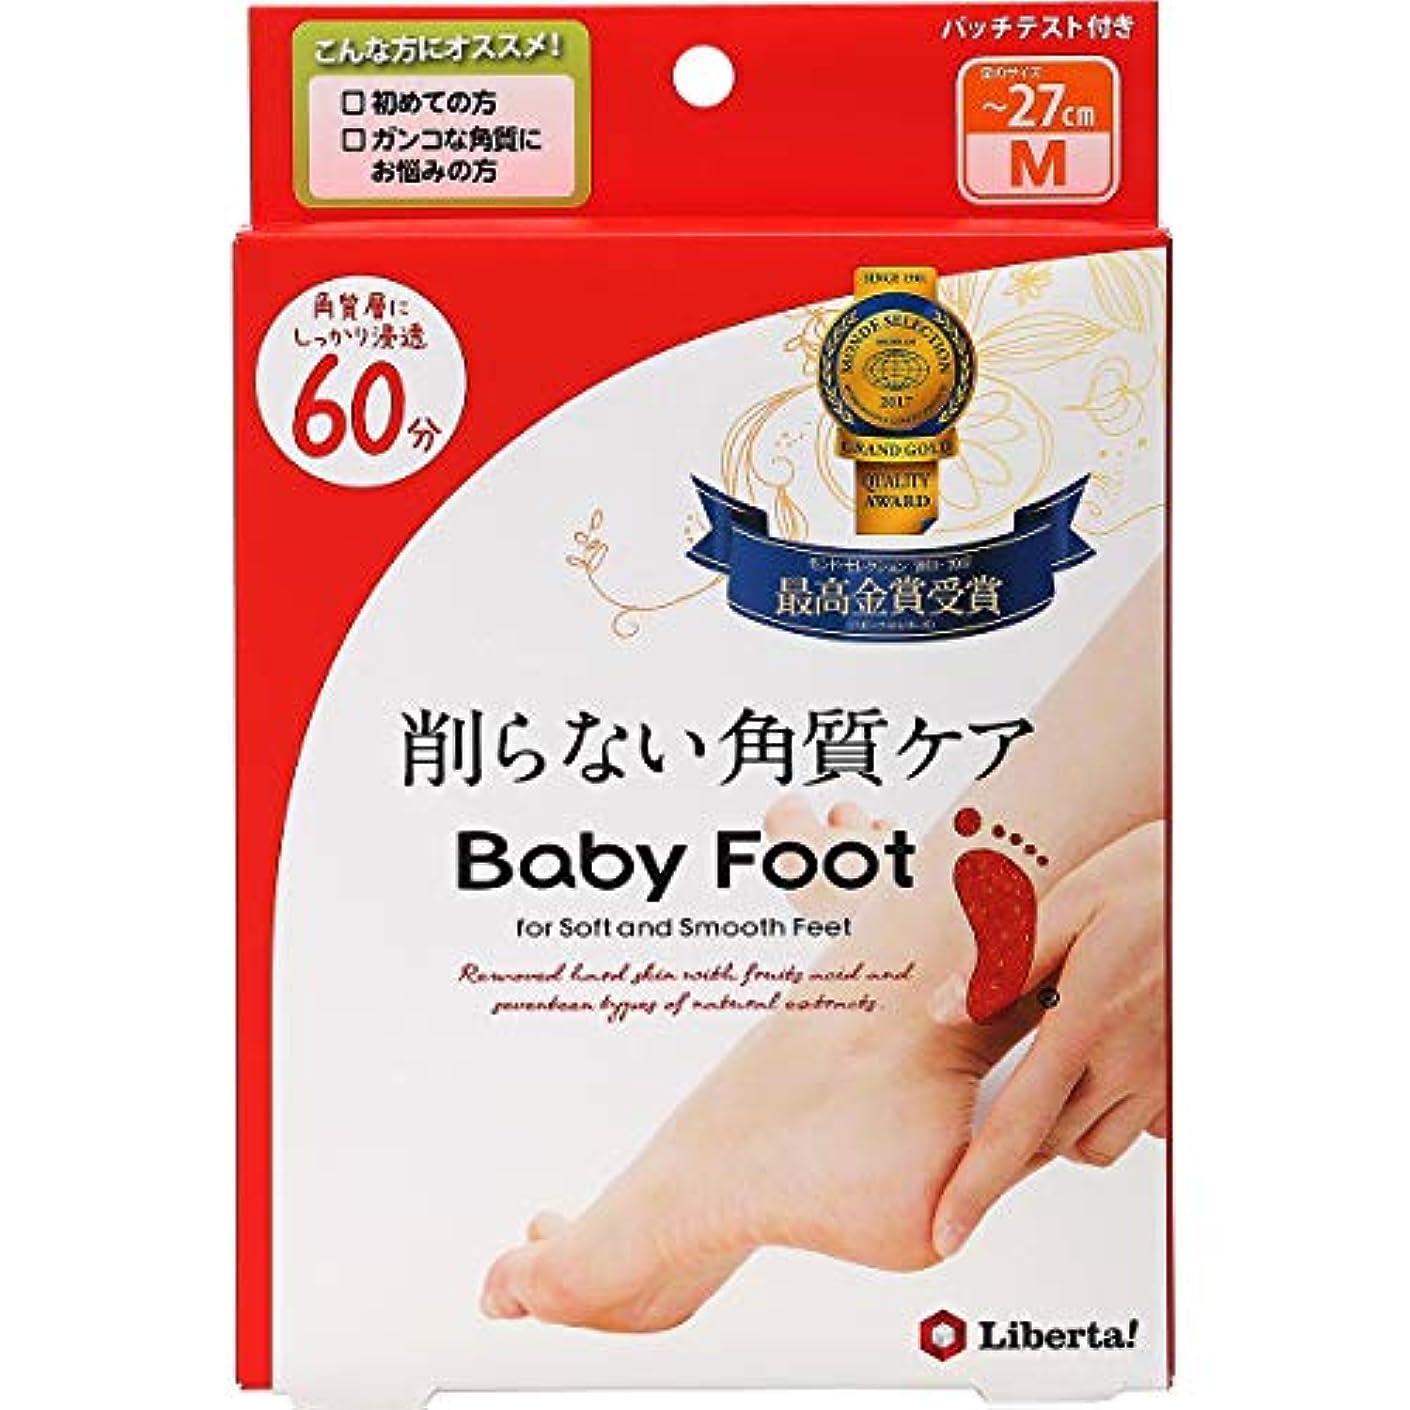 ベーコンペデスタル破壊的なベビーフット (Baby Foot) ベビーフット イージーパック SPT60分タイプ Mサイズ 単品